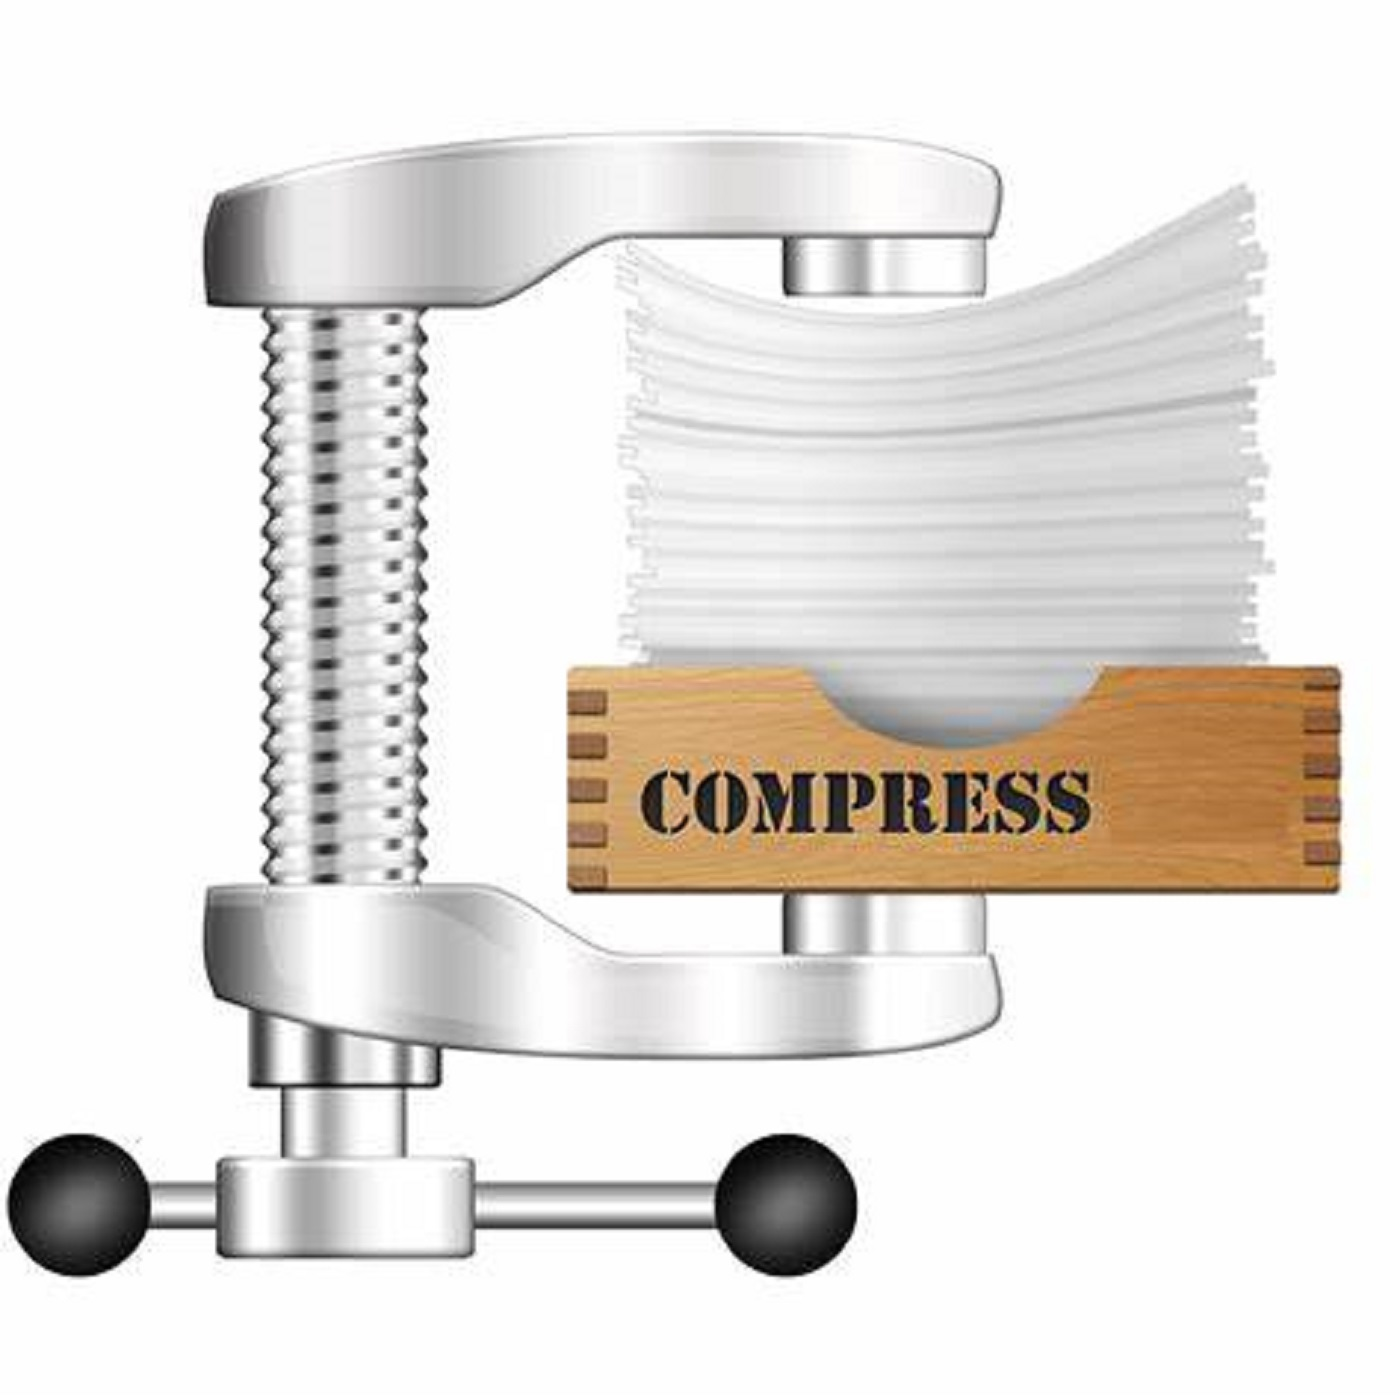 compresser-fichier